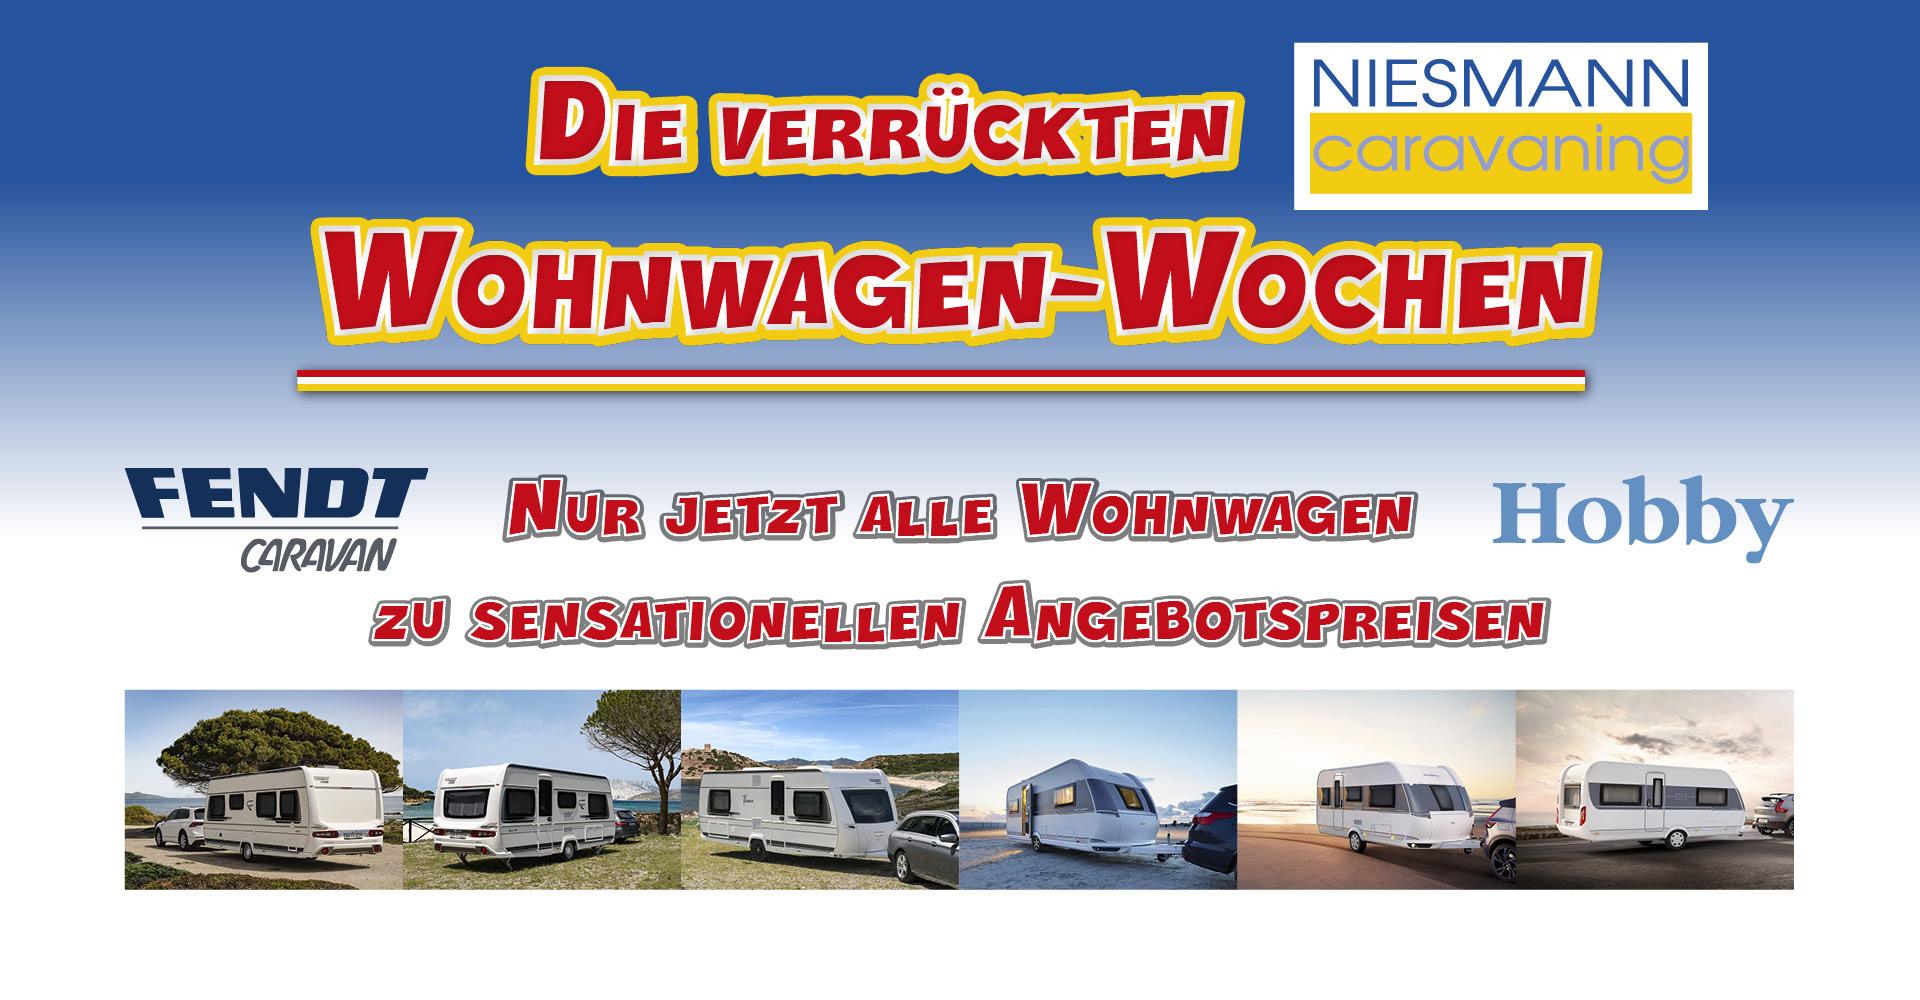 Die Verruckten Wohnwagen Wochen Bei Niesmann Caravaning